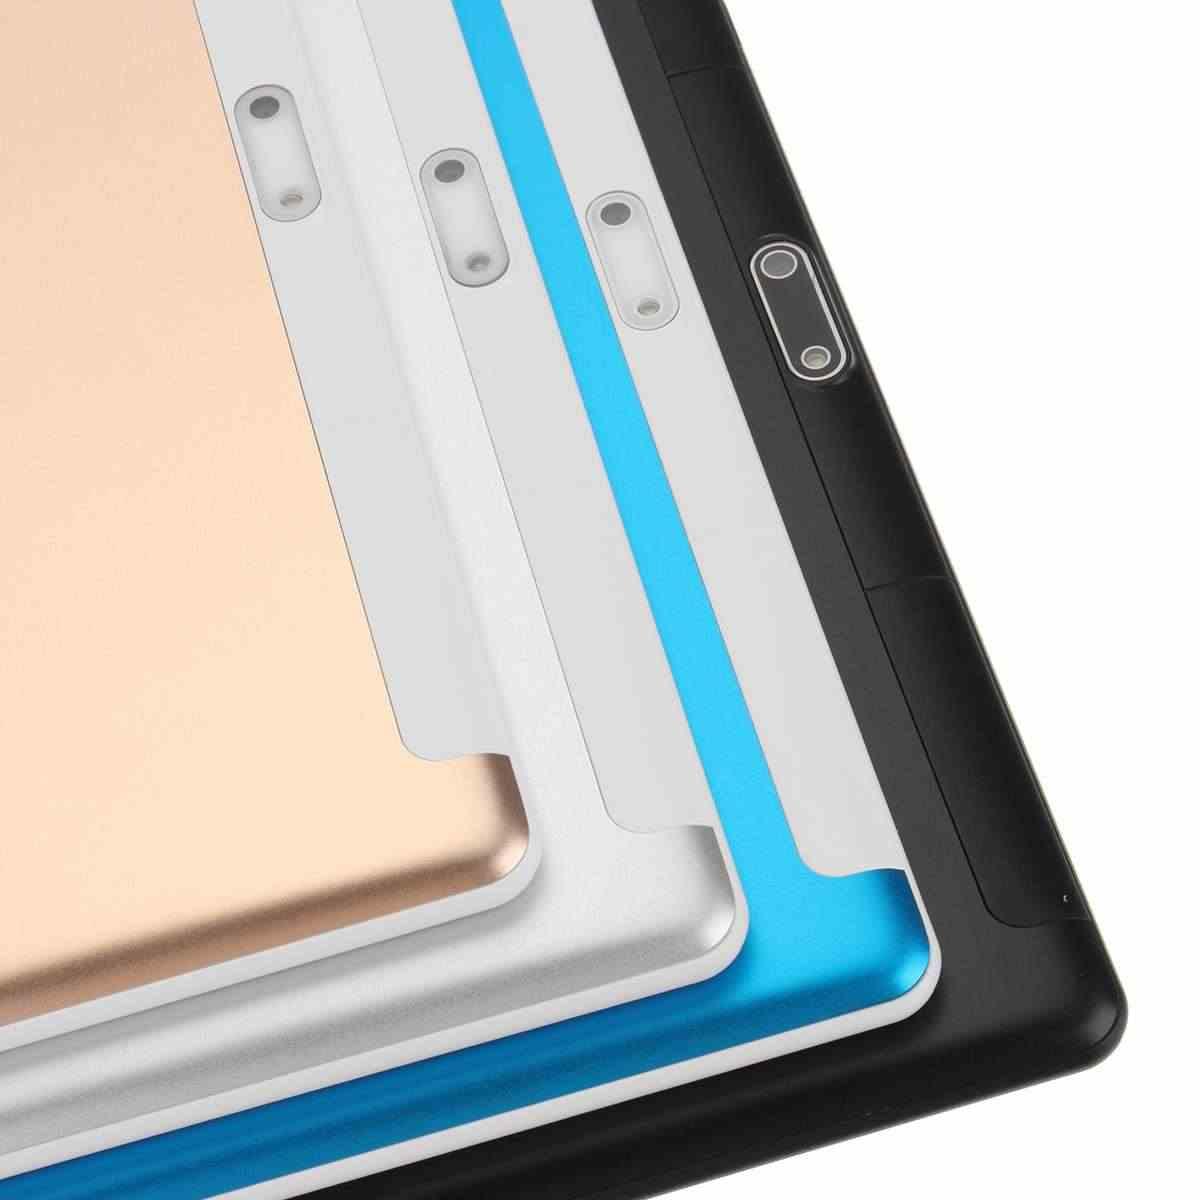 2019 nuevo Android 8,0 tablet PC 8-core 10,1 pulgadas 2560*1600 resolución de pantalla WiFi GPS bluetooth 4,0 digital tabletas